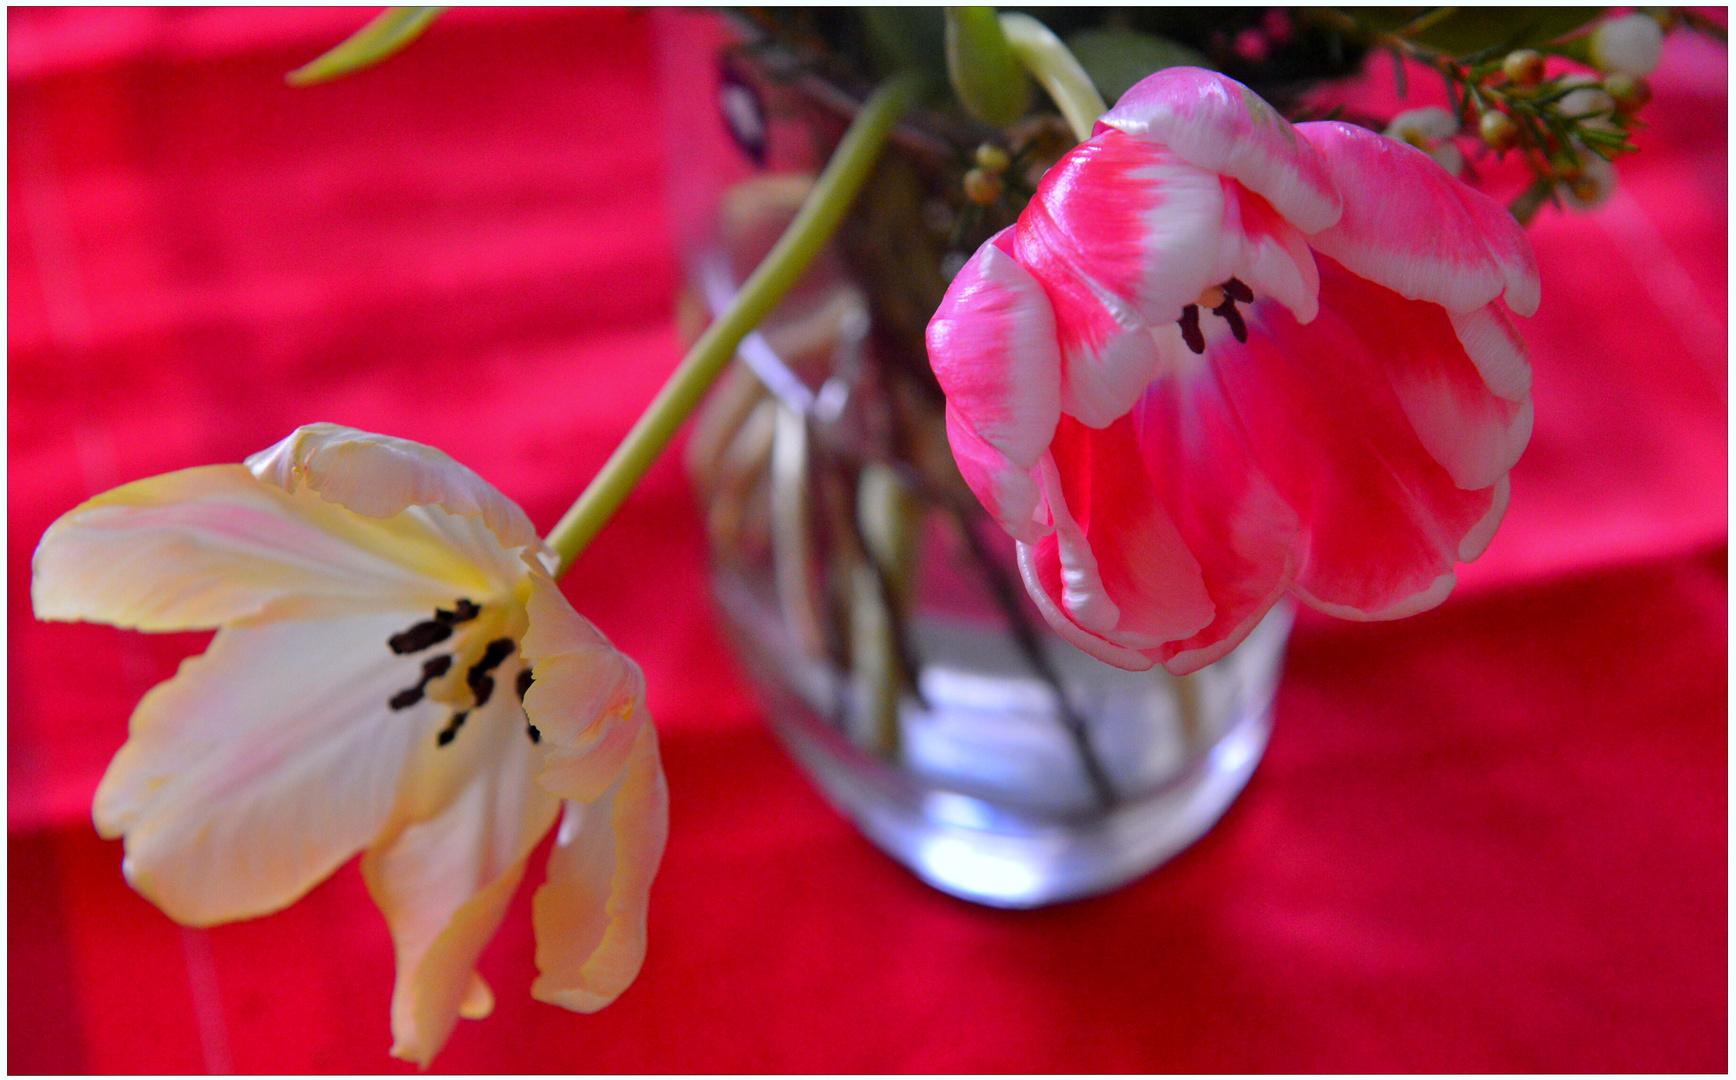 las primeras flores II (die ersten Blumen II)